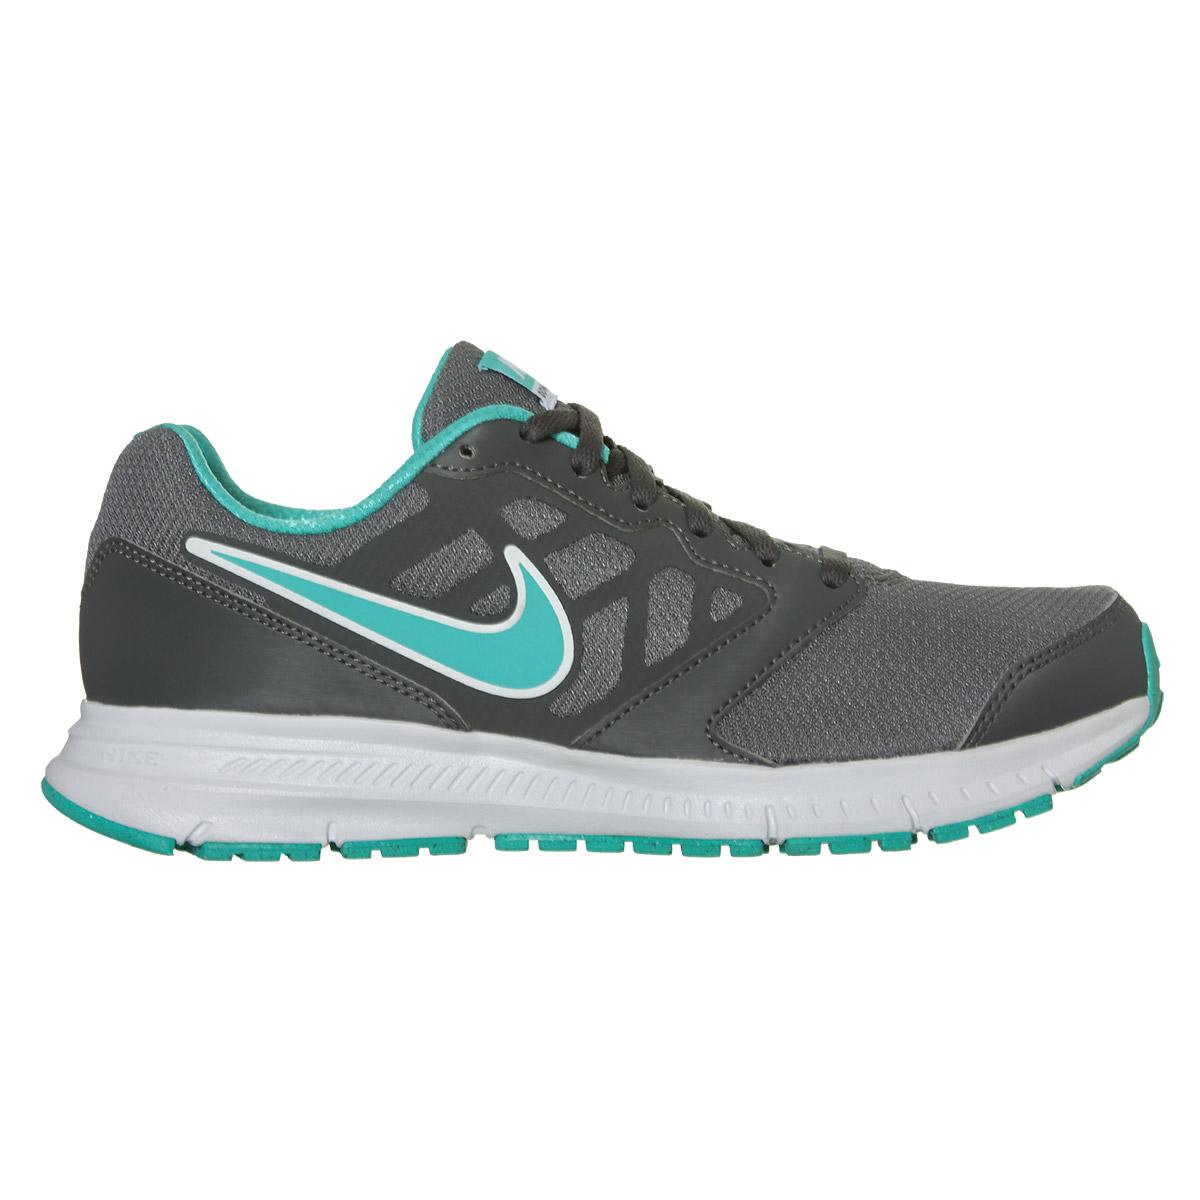 Zapatillas Nike Verdes Mujer